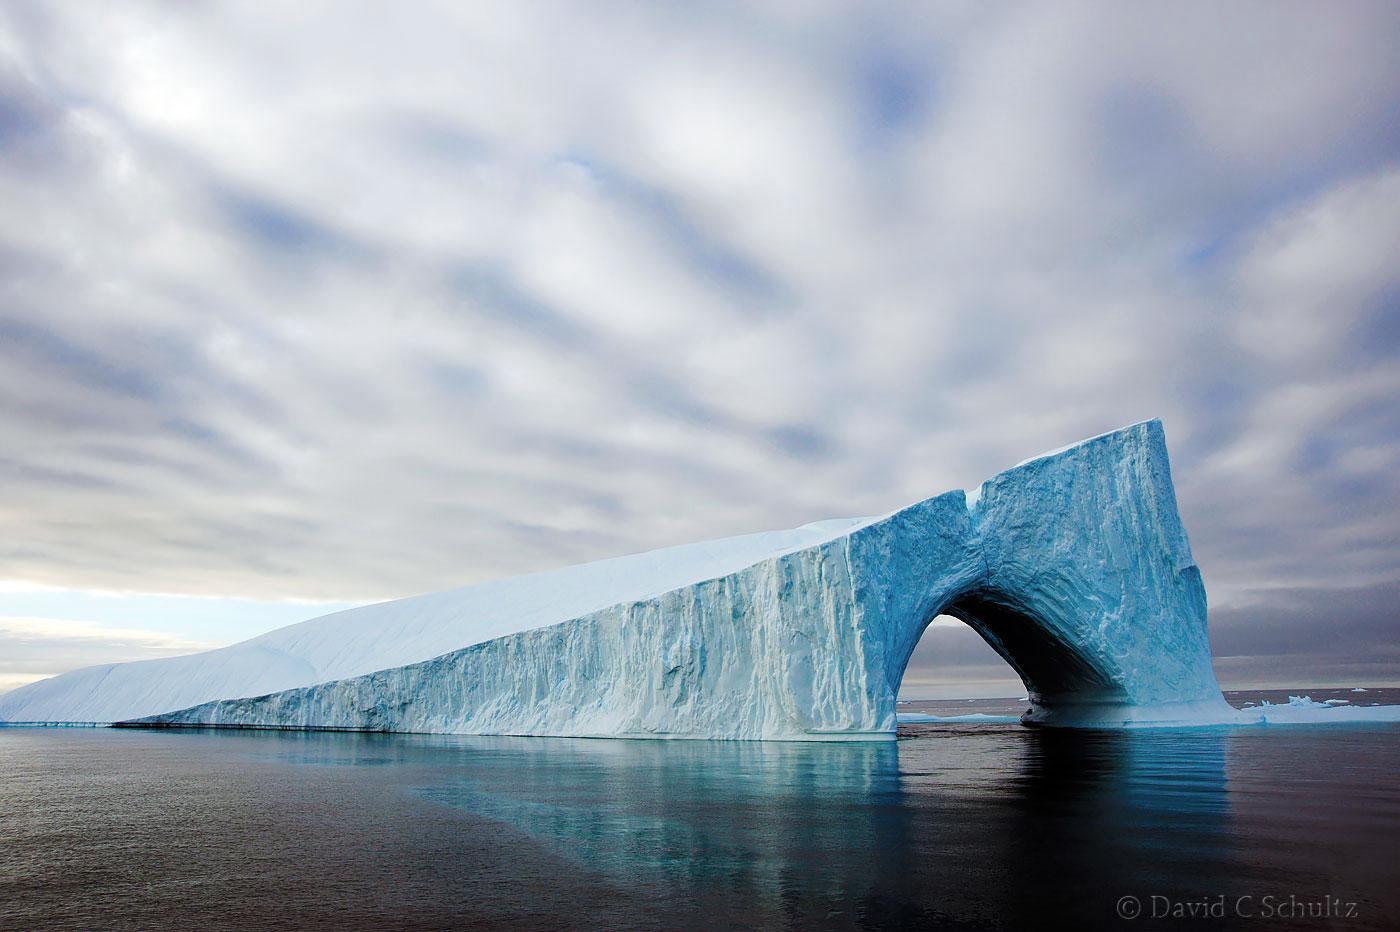 Iceberg in Baffin Bay near Greenland - Image #167-0679